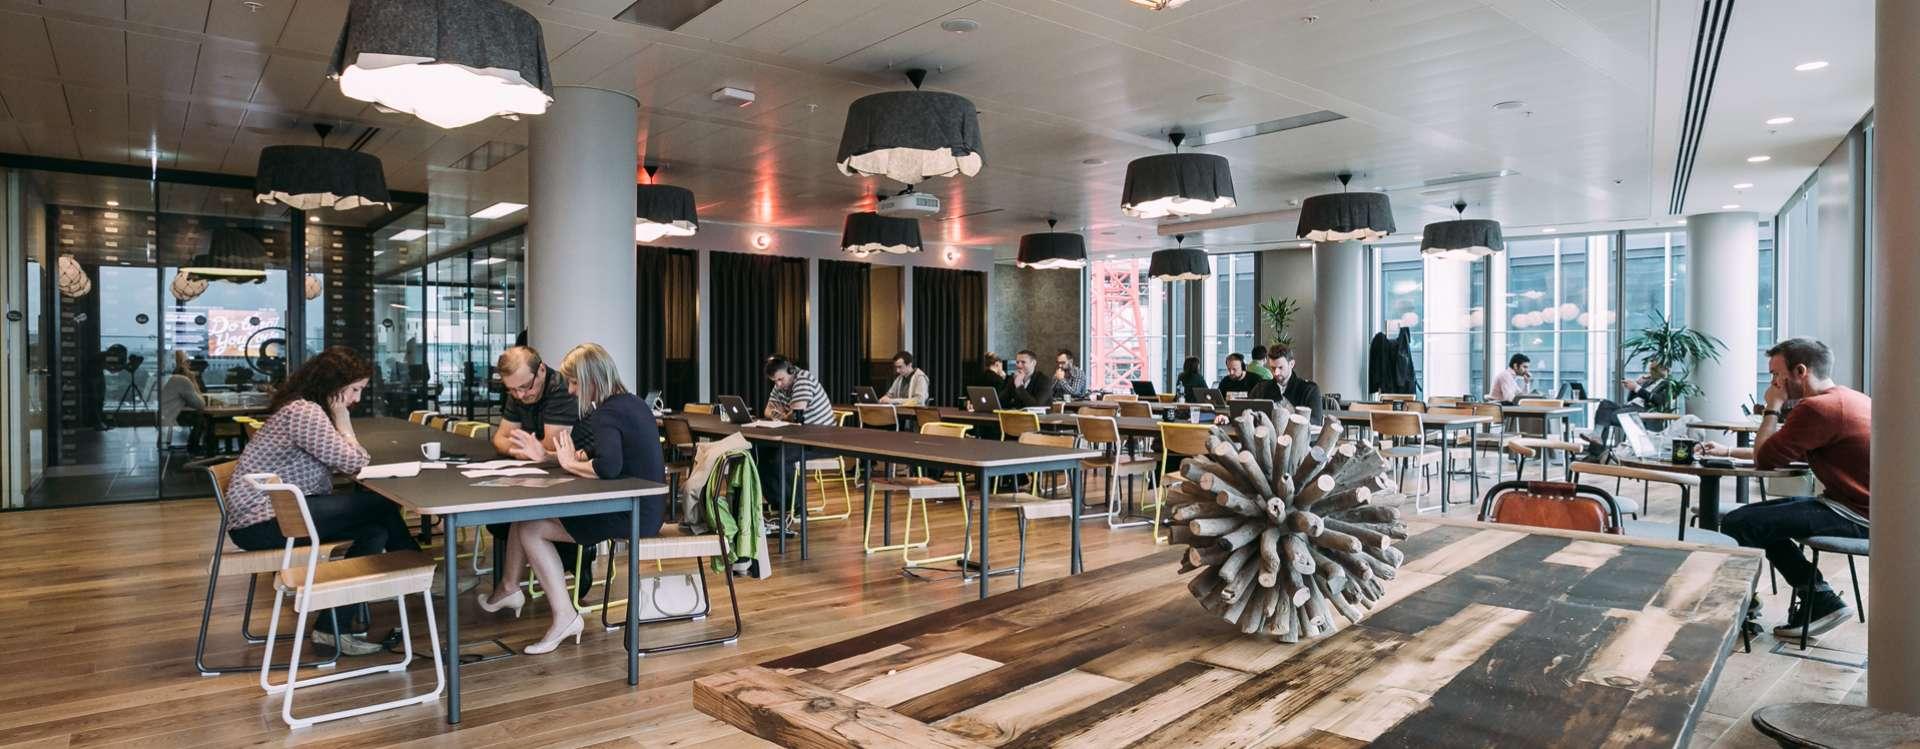 Coworking : De New York à Shanghai, tour du monde d'une tendance en plein essor